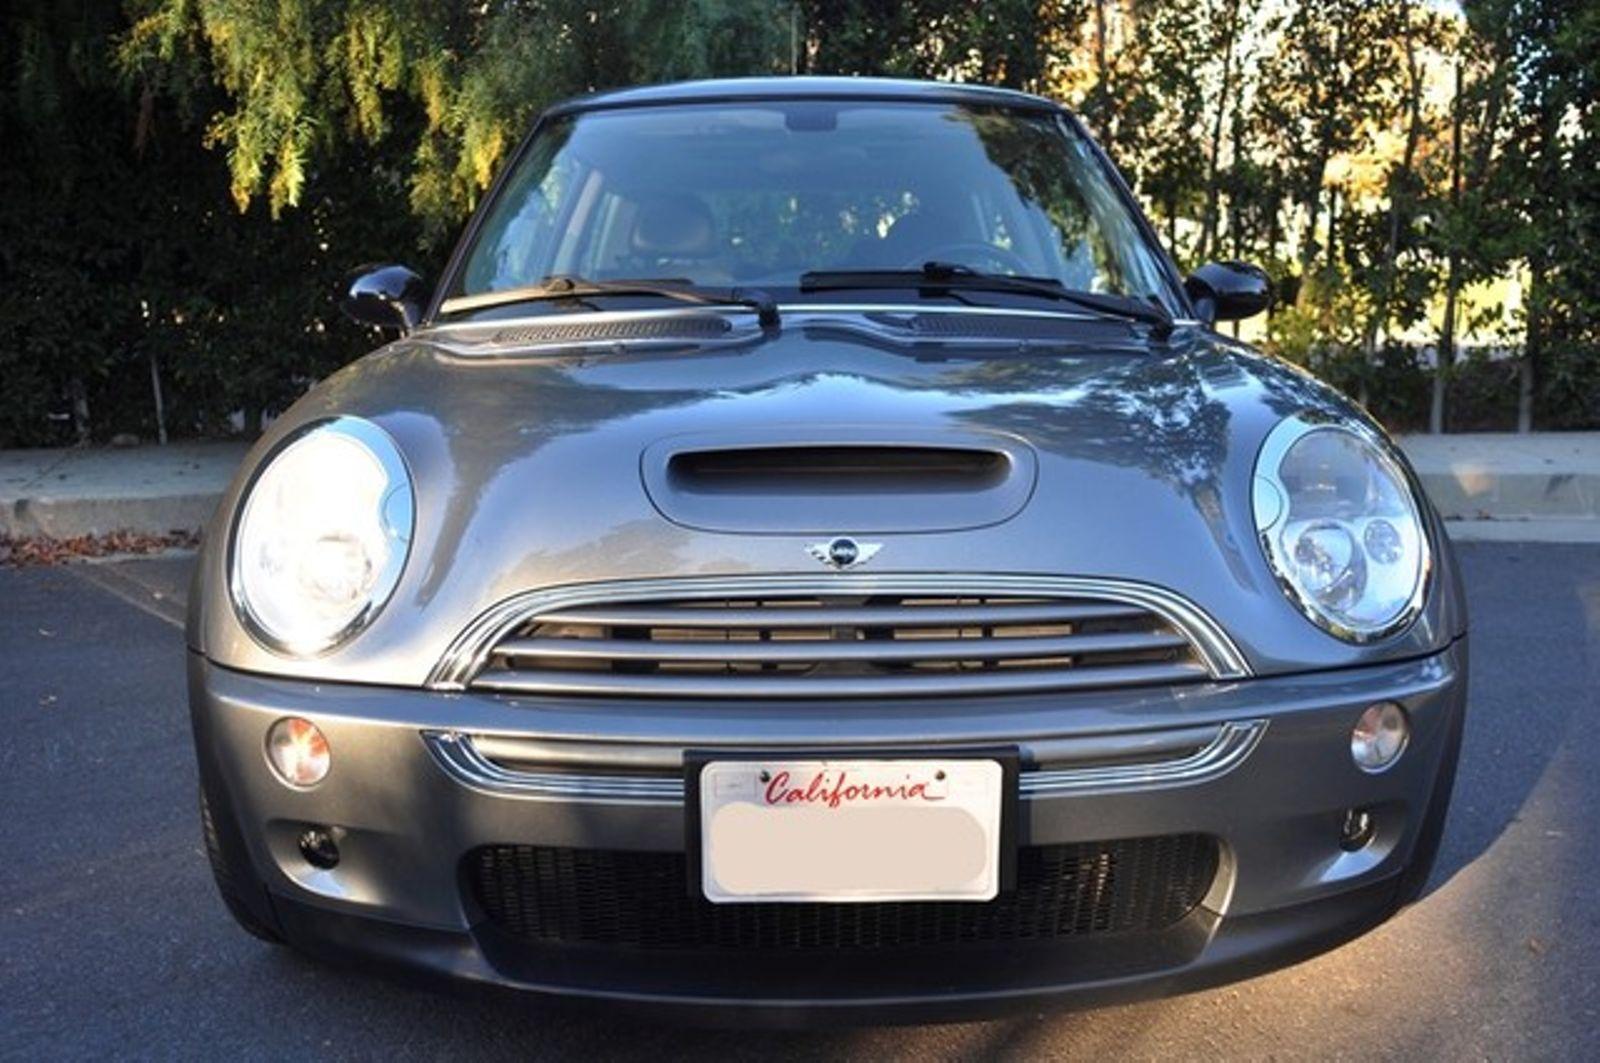 2003 Mini Cooper S Hardtop Great Gas Mileage Super